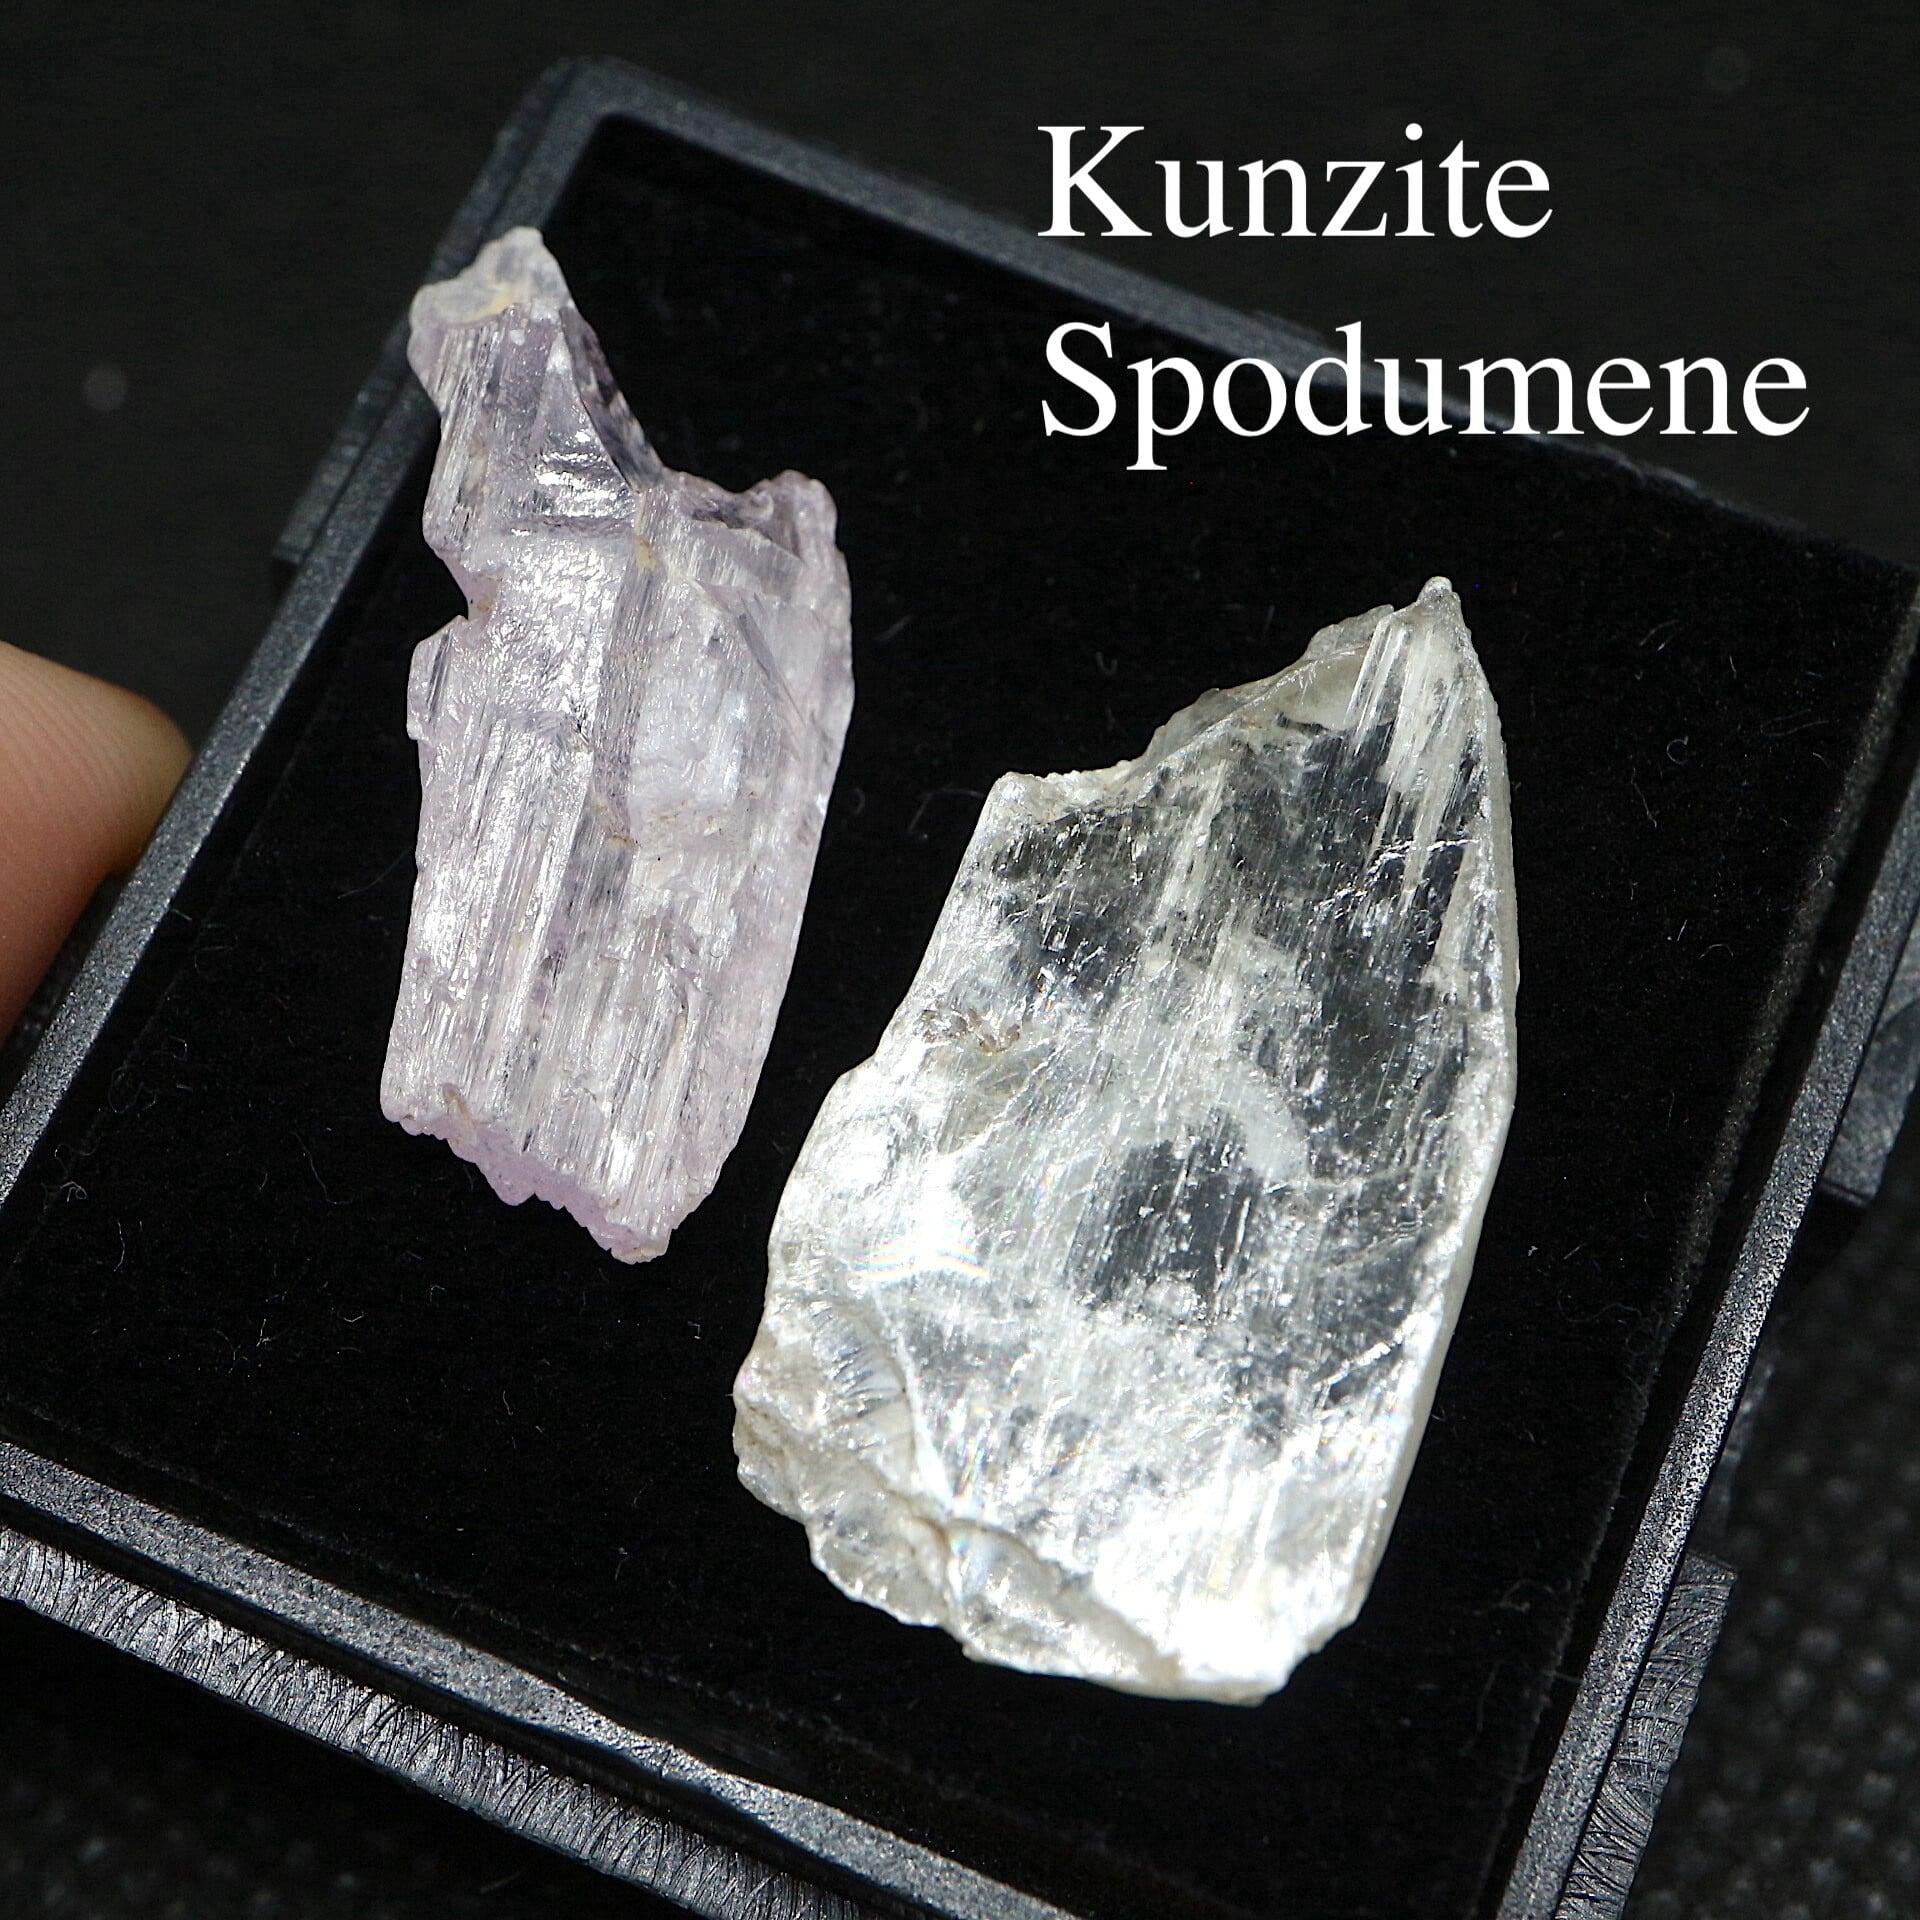 カリフォルニア産 クンツァイト スポデューメン ケース 自主採掘 リシア輝石  KZ043 鉱物 天然石 原石